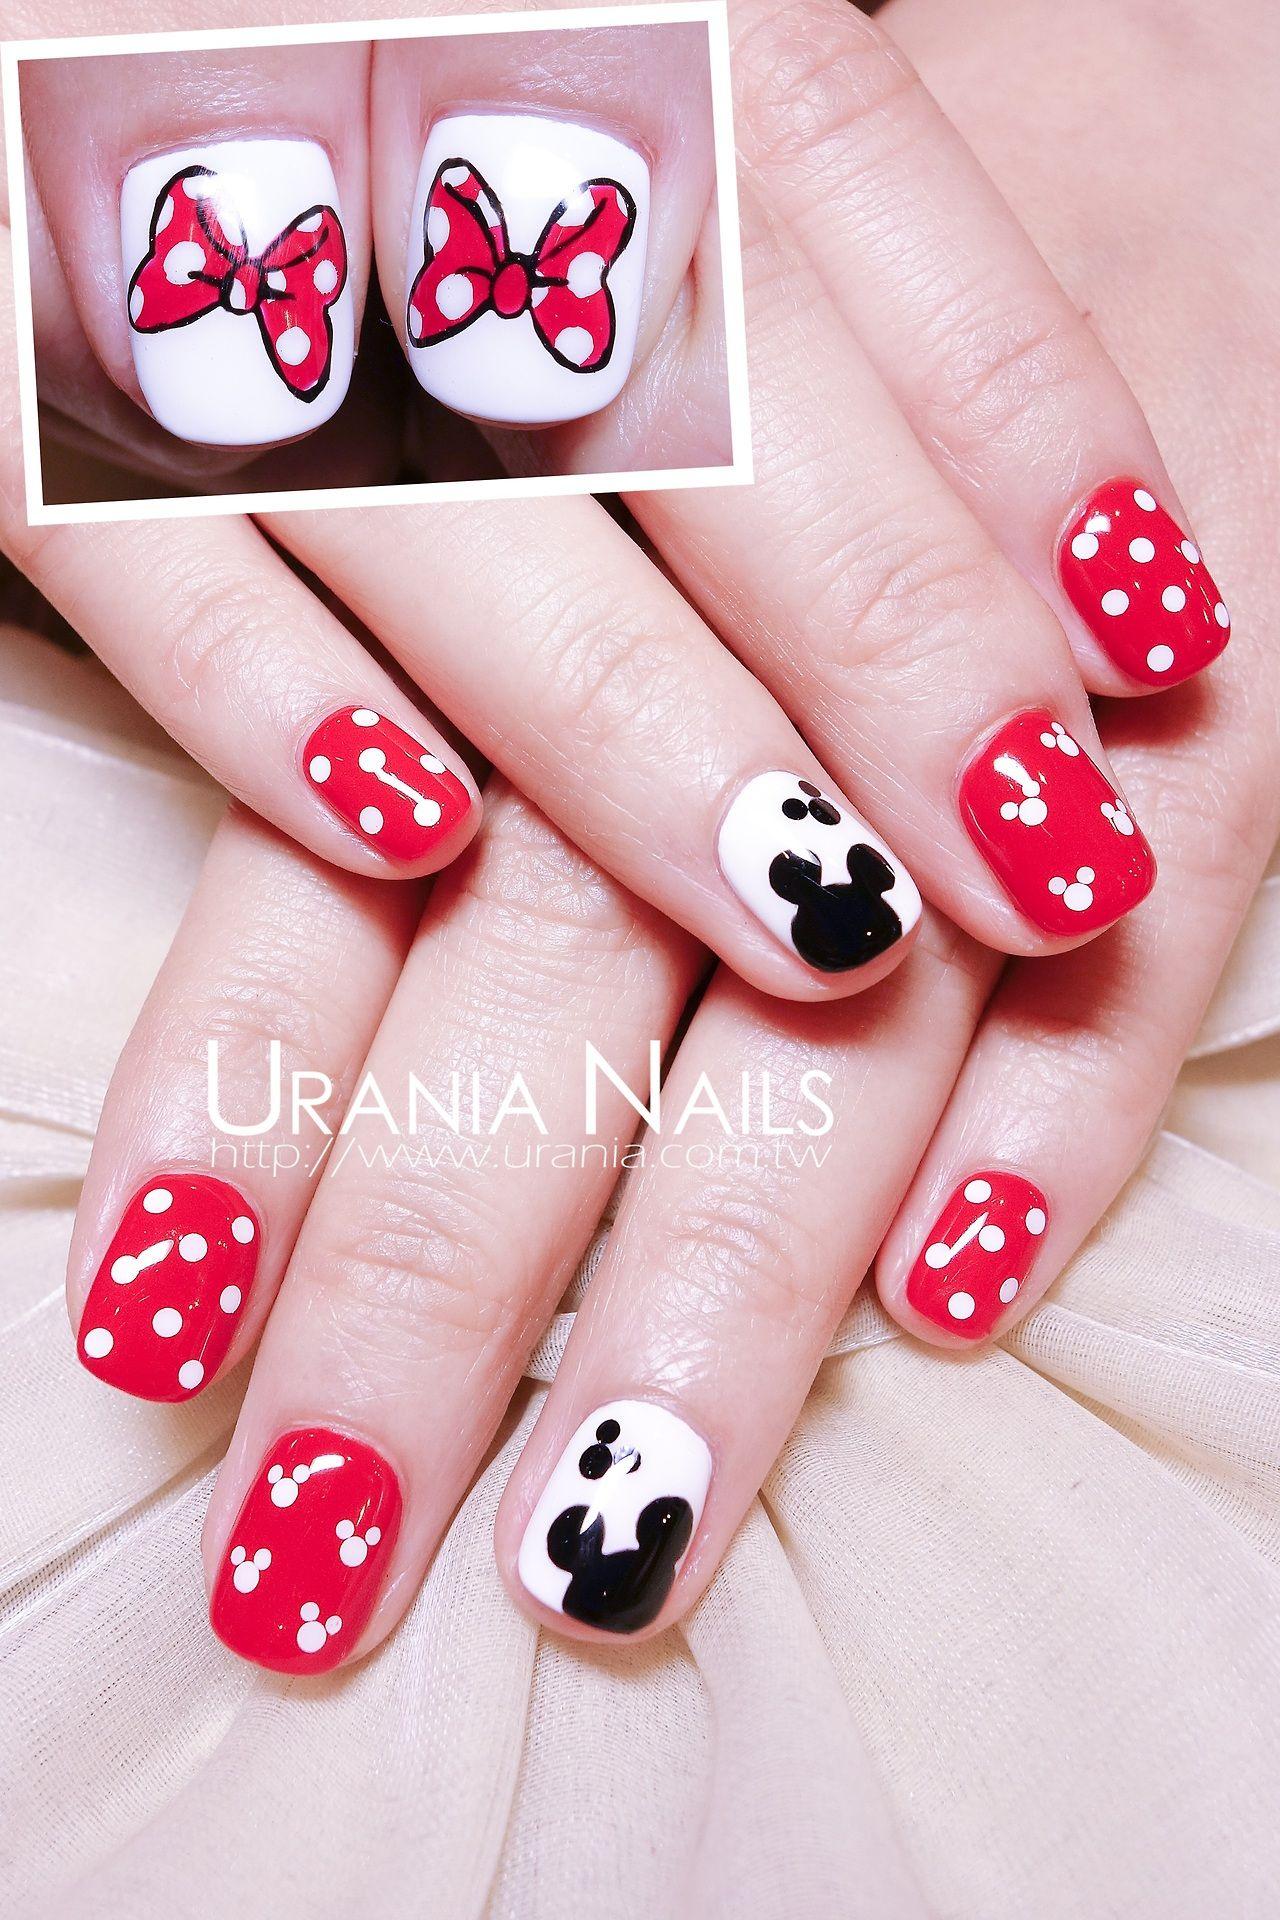 Uraniaasia nail nails nailart Hand Nail Art Designs in